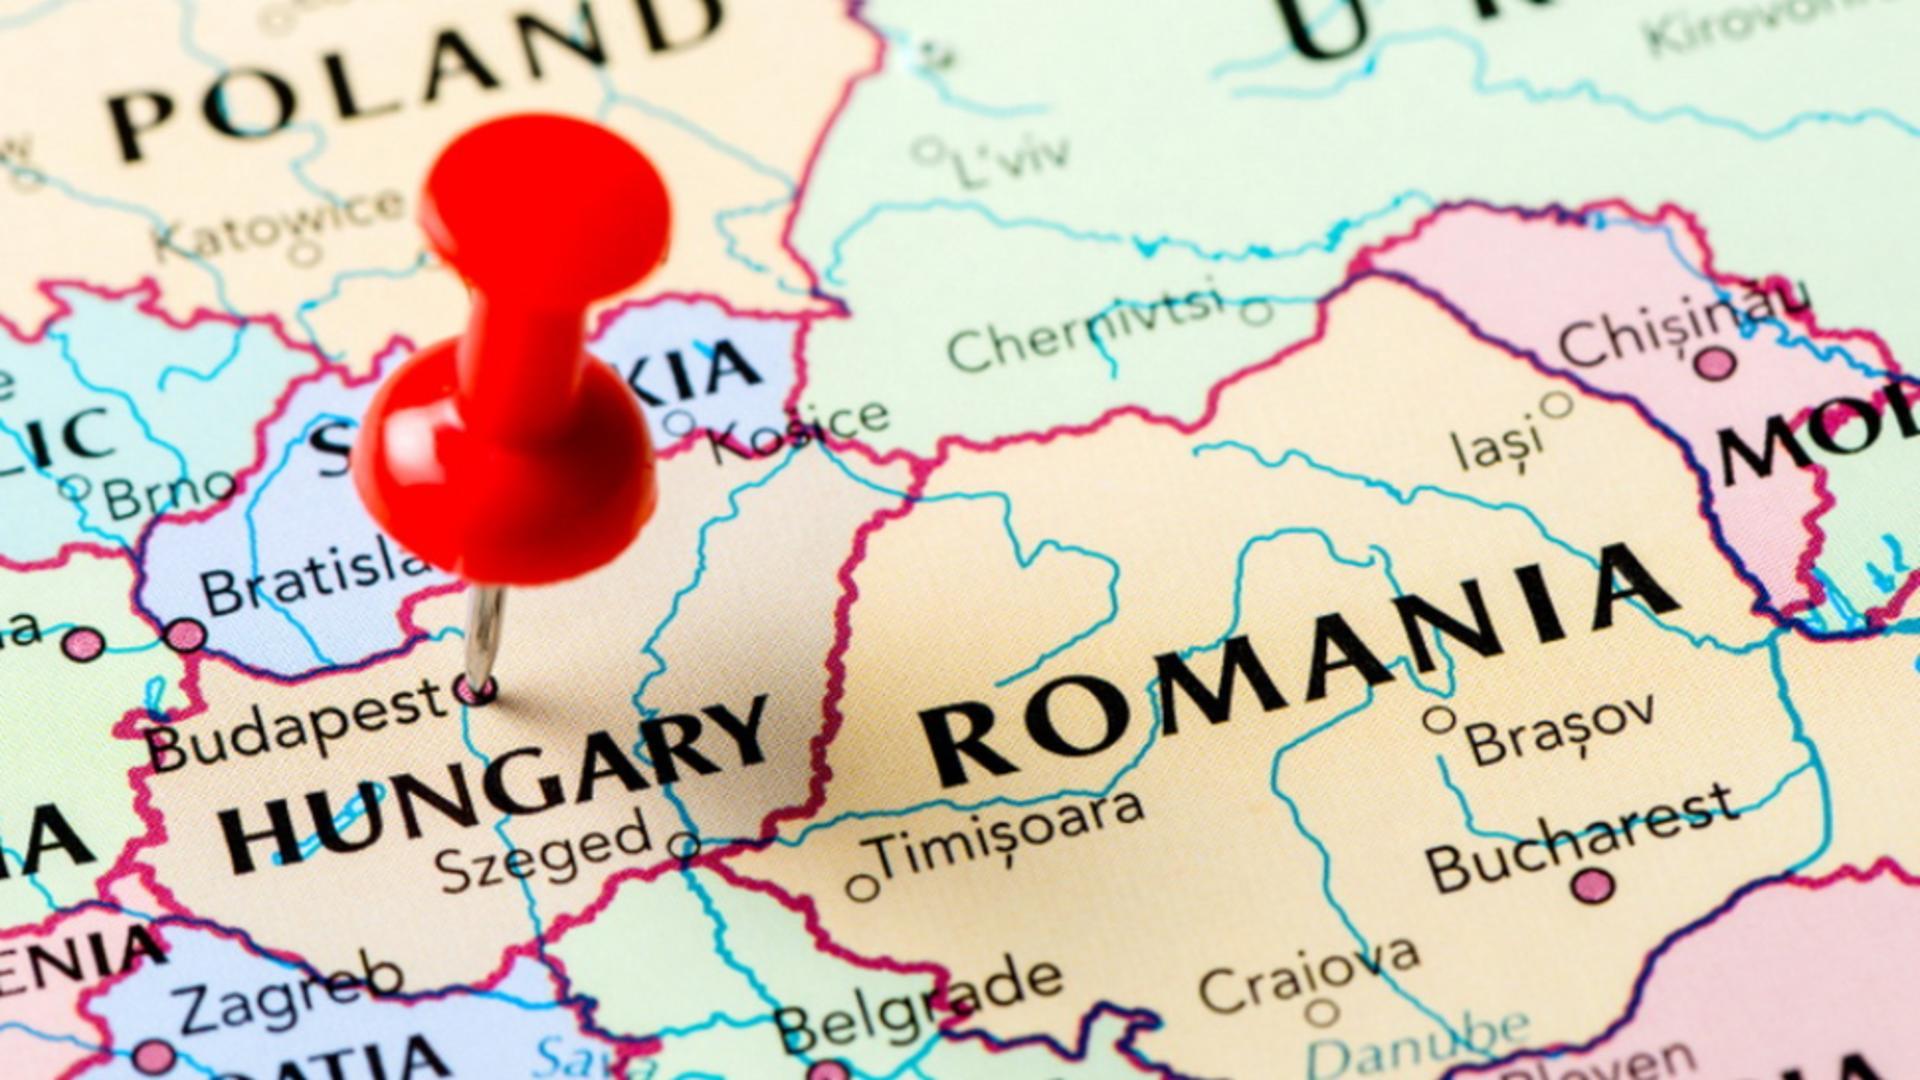 Transilvania, luată de Ungaria prin vânzare-cumpărare - Masterplanul lui Viktor Orban, dezvăluiri incendiare